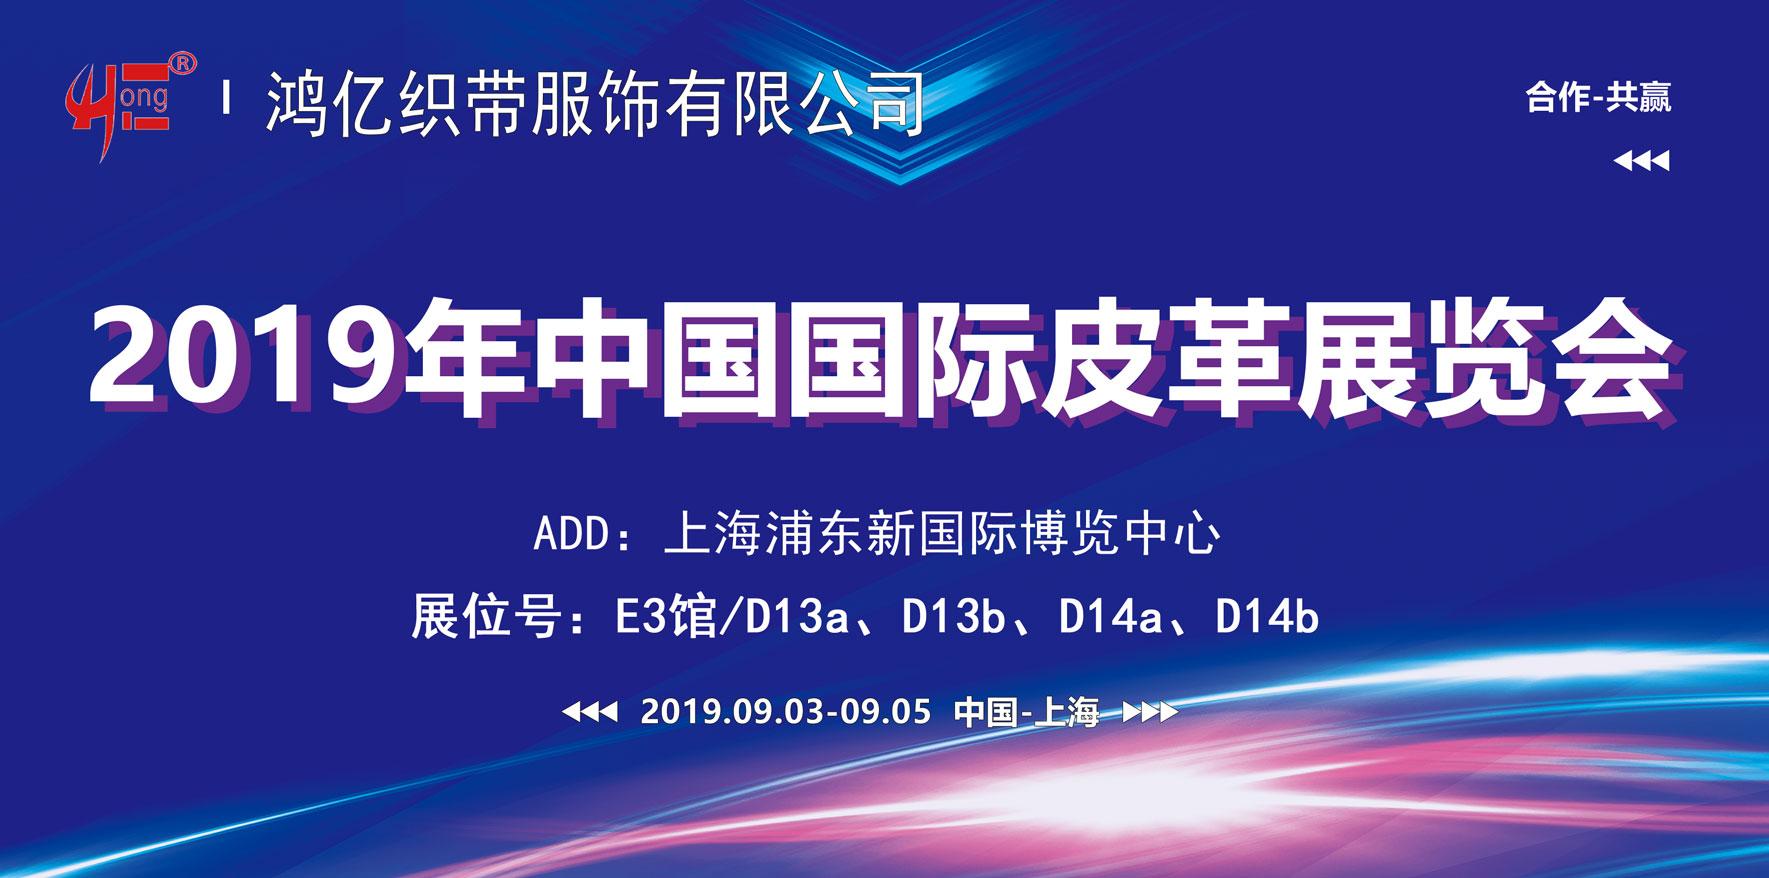 鸿亿织带与您相约 2019中国·上海国际皮革展